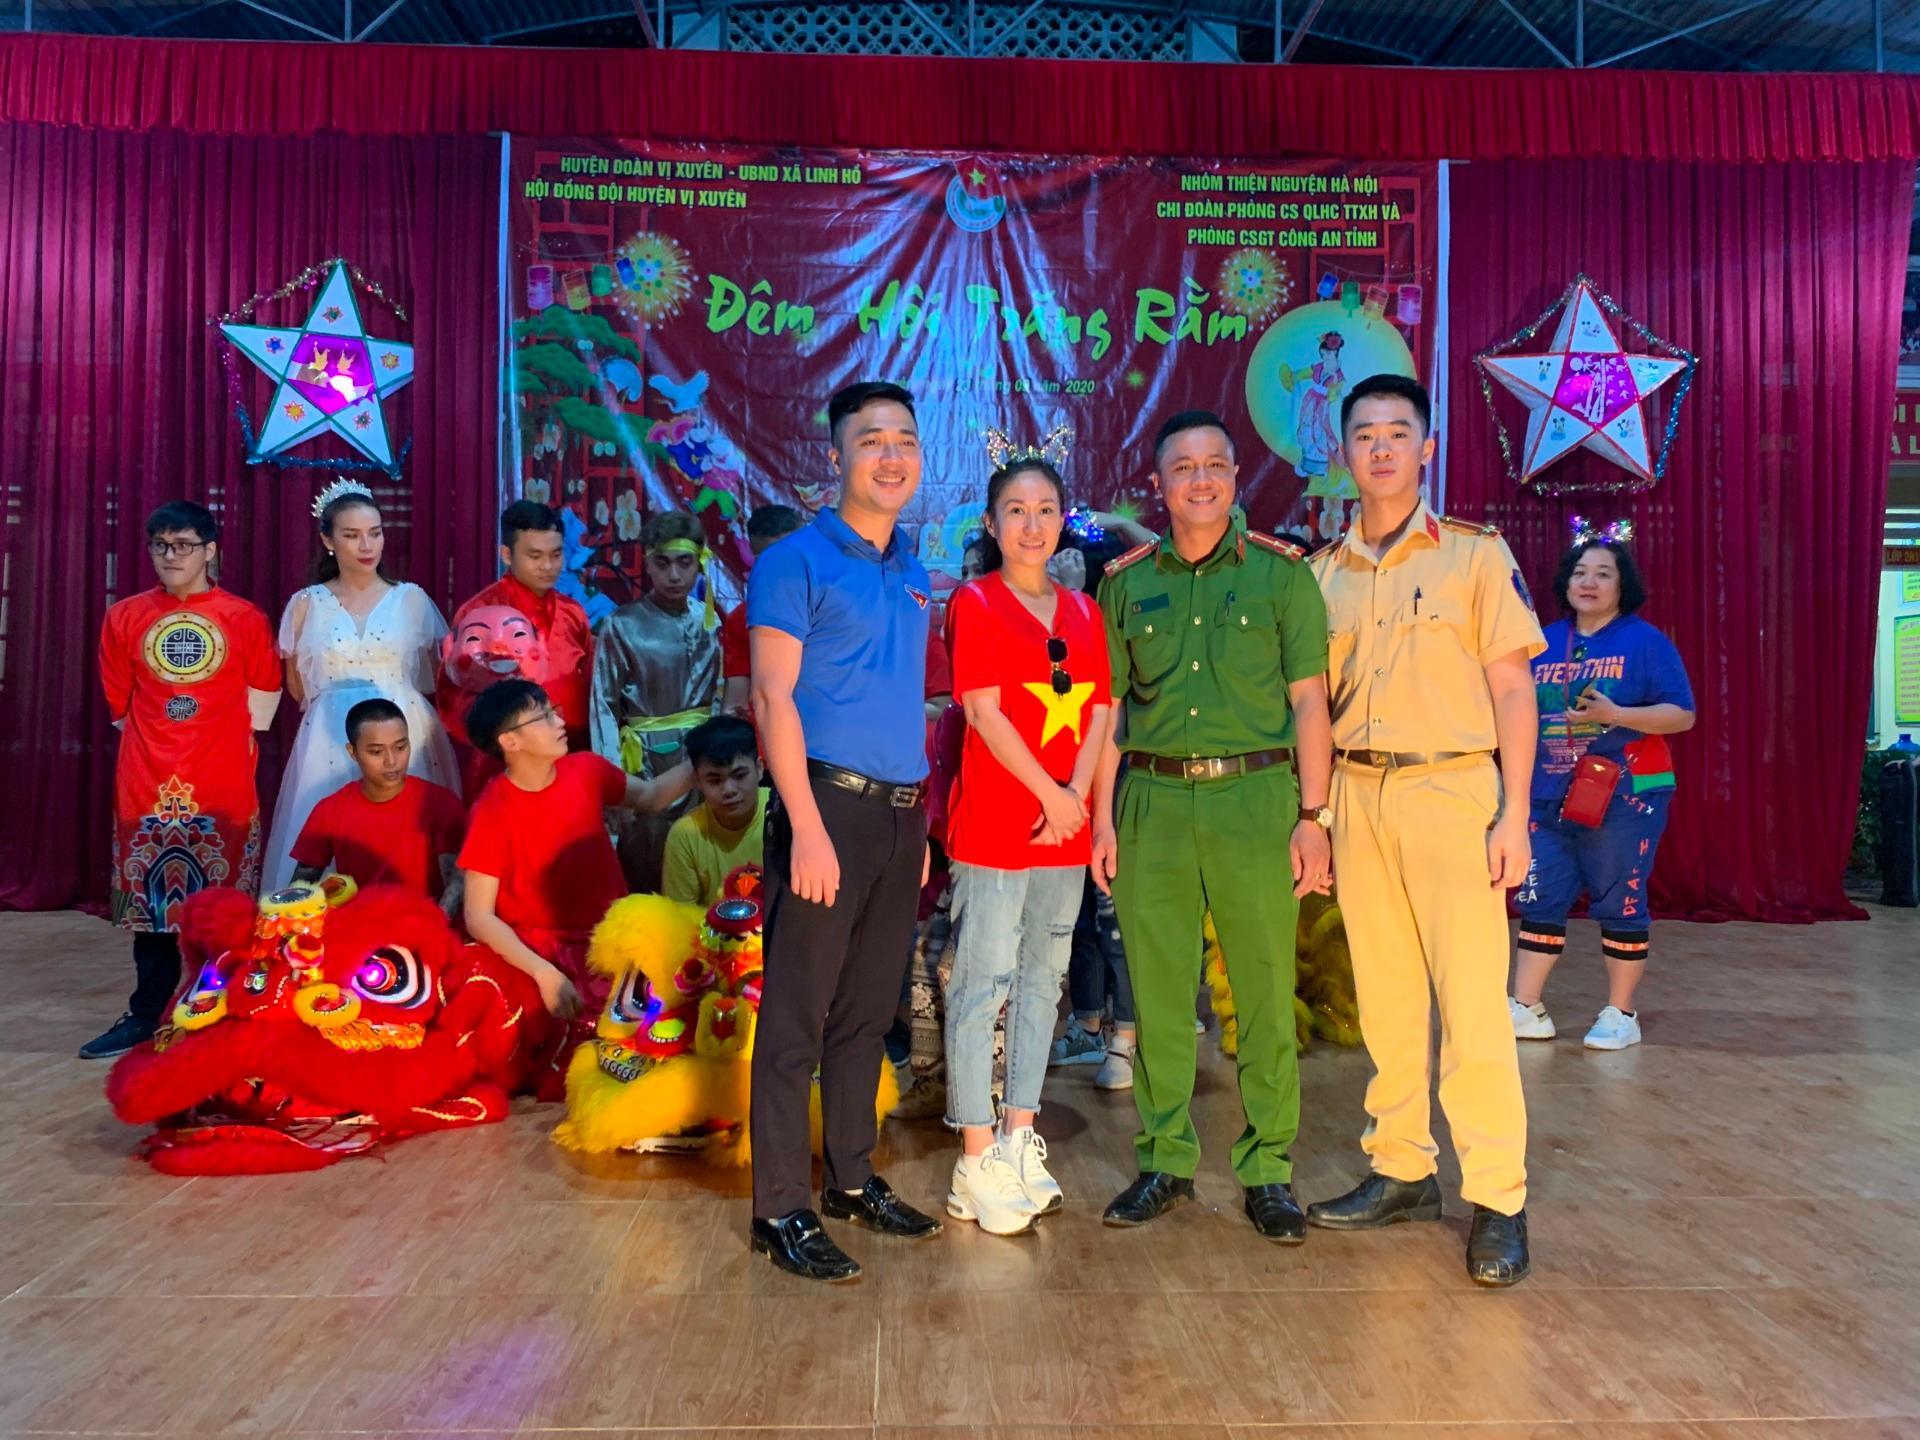 'Trăng sáng cho em' đến sớm với trẻ em Hà Giang Ảnh 3